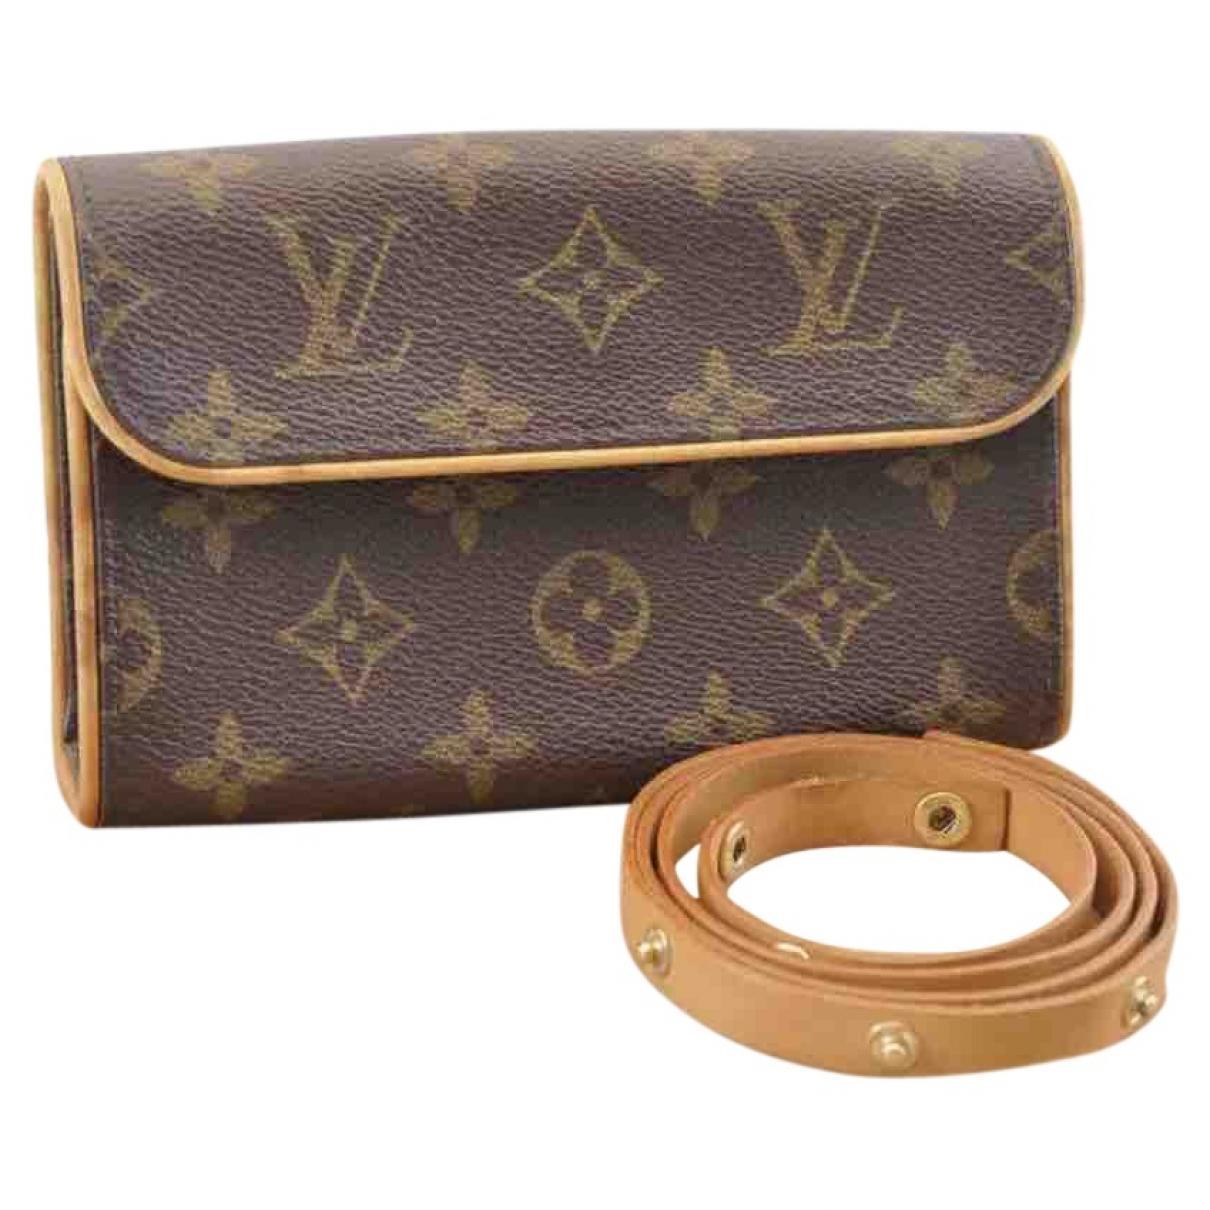 a6dad5e67996 Louis Vuitton. Women's Brown Cloth Handbag. $711 From Vestiaire Collective